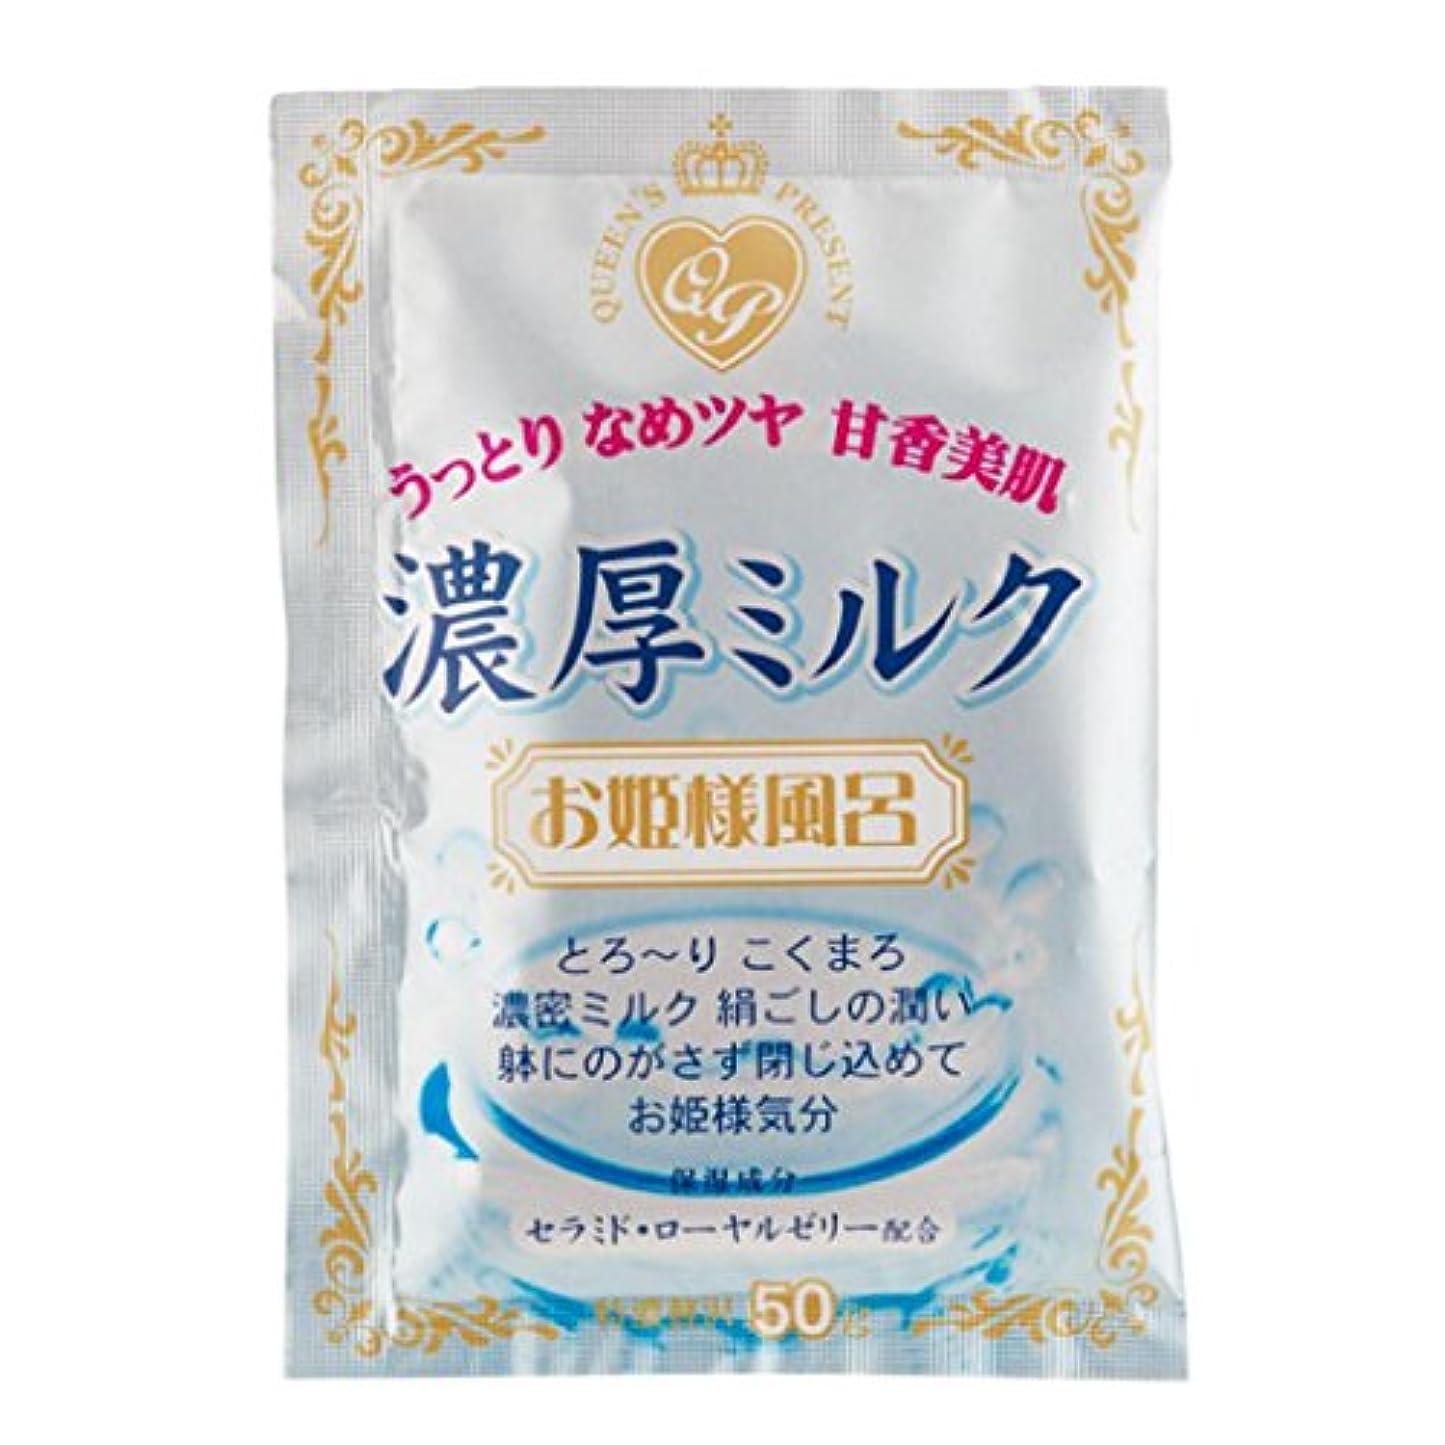 一回重さ強います紀陽除虫菊 お姫様風呂  濃厚ミルク【まとめ買い12個セット】 N-8160